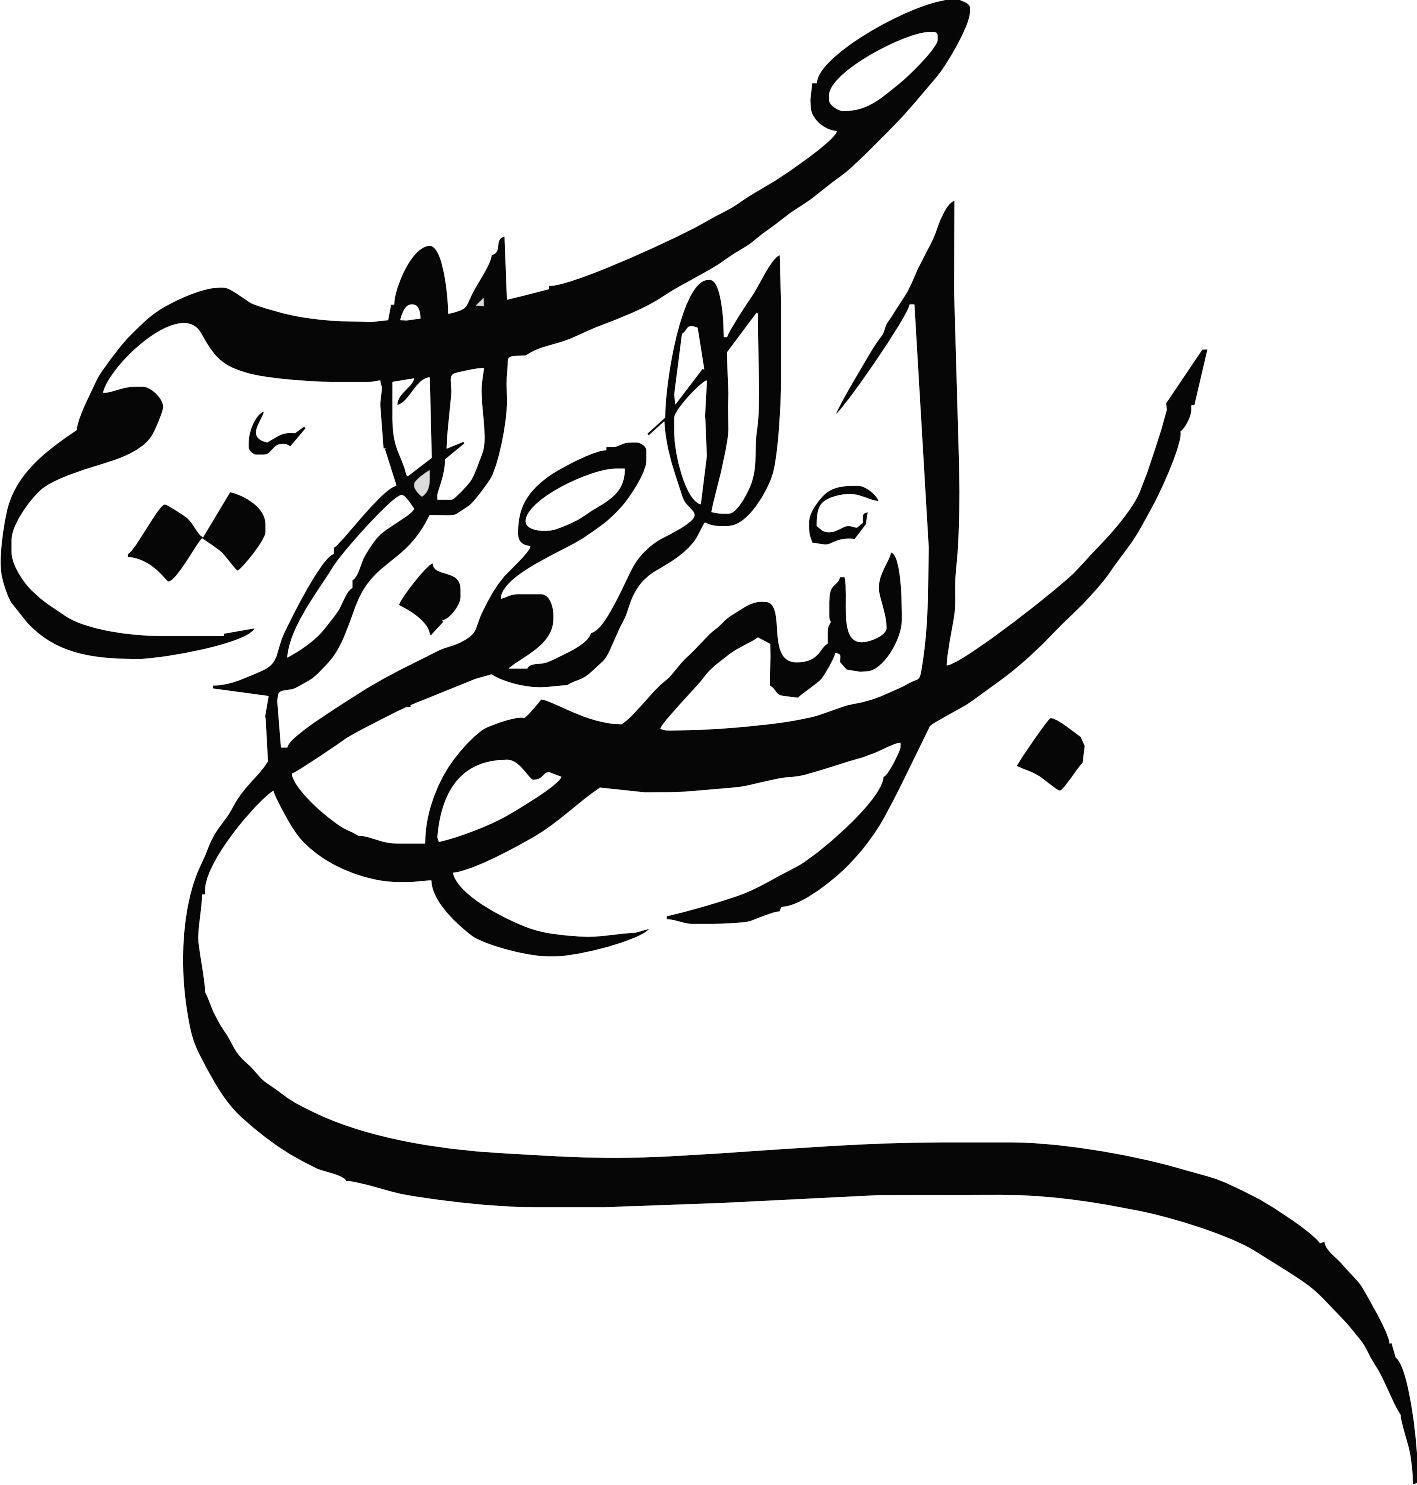 16 - طرح های  بسم الله الرحمن الرحیم برای مقاله و پایان نامه